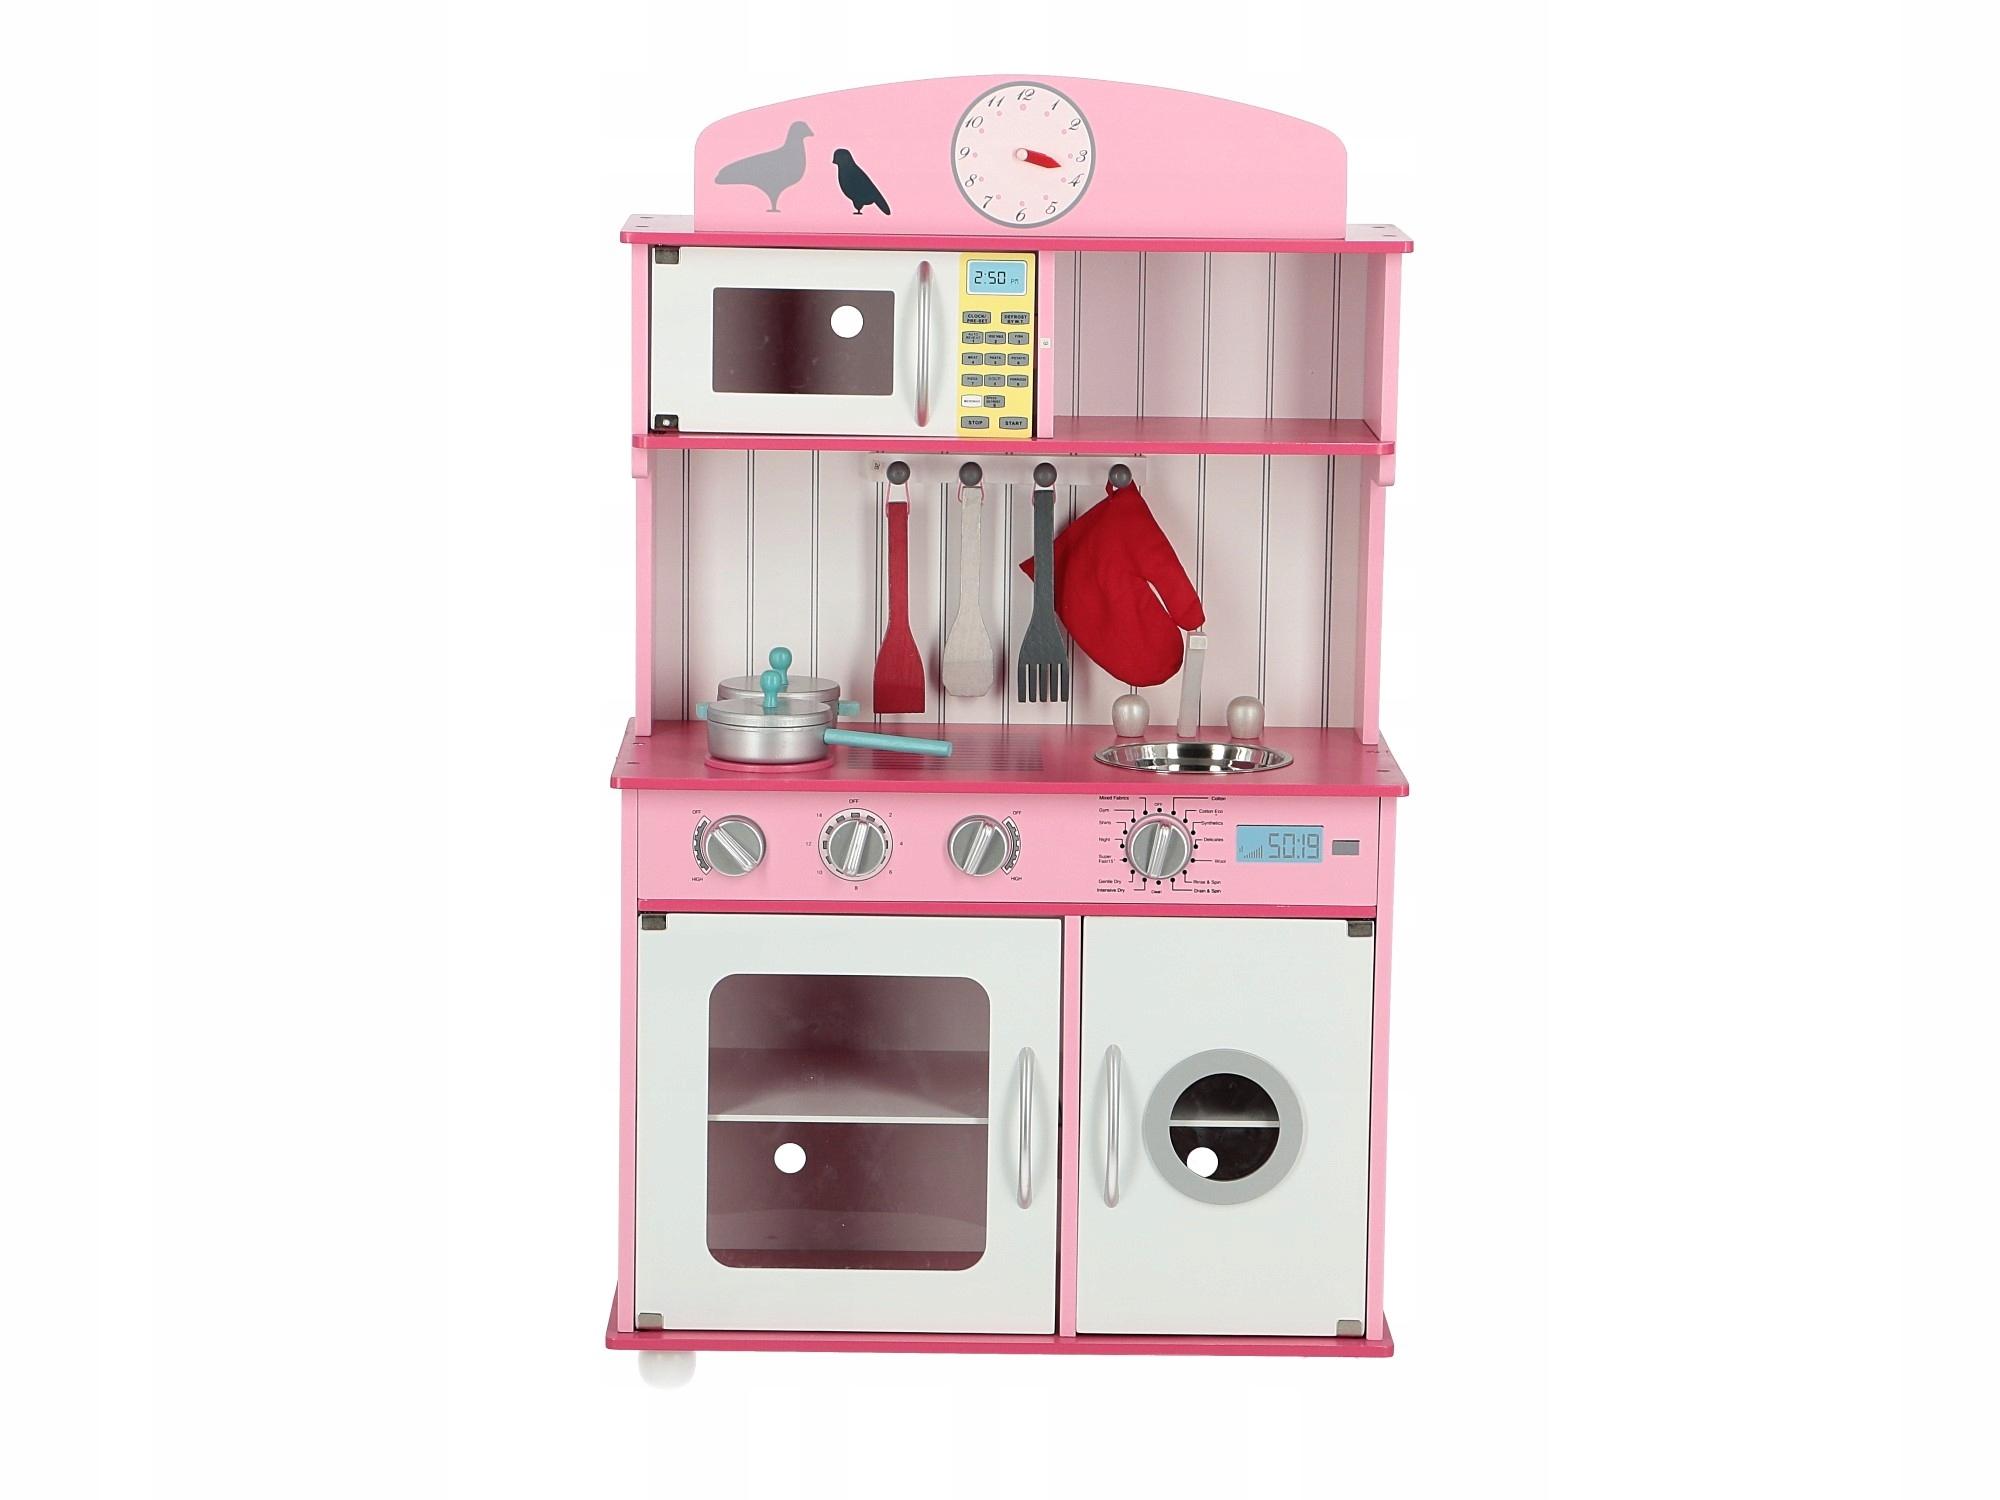 Kuchnia Drewniana Dla Dzieci Sofia Pink Rozowa 7527218958